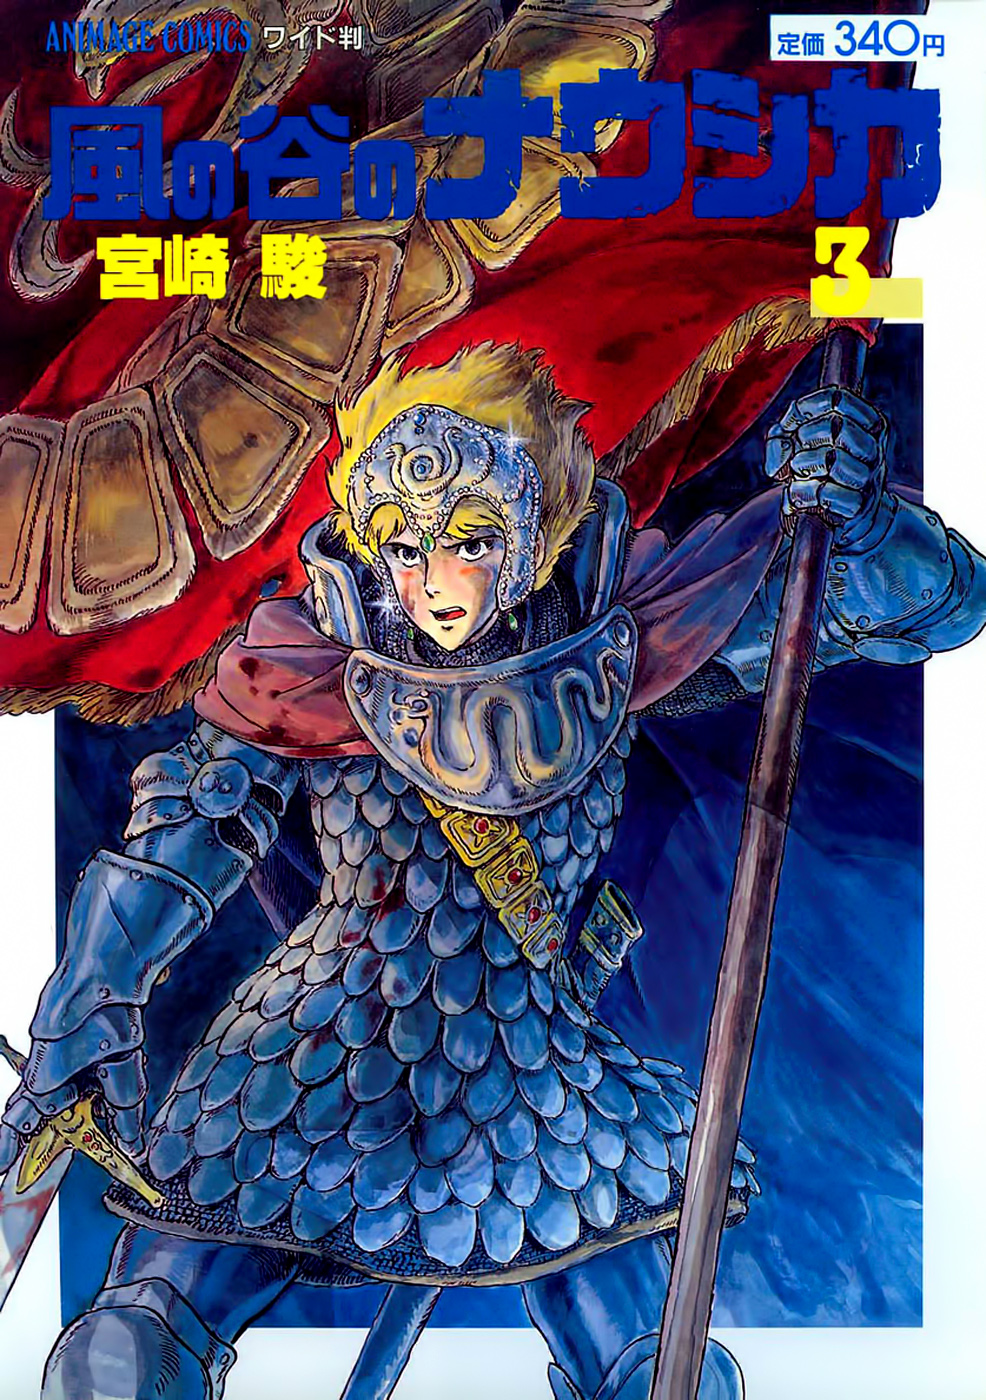 https://nine.mangadogs.com/br_manga/pic/1/641/6483870/KazenoTaninoNausicaCapiacu_0_338.jpg Page 1